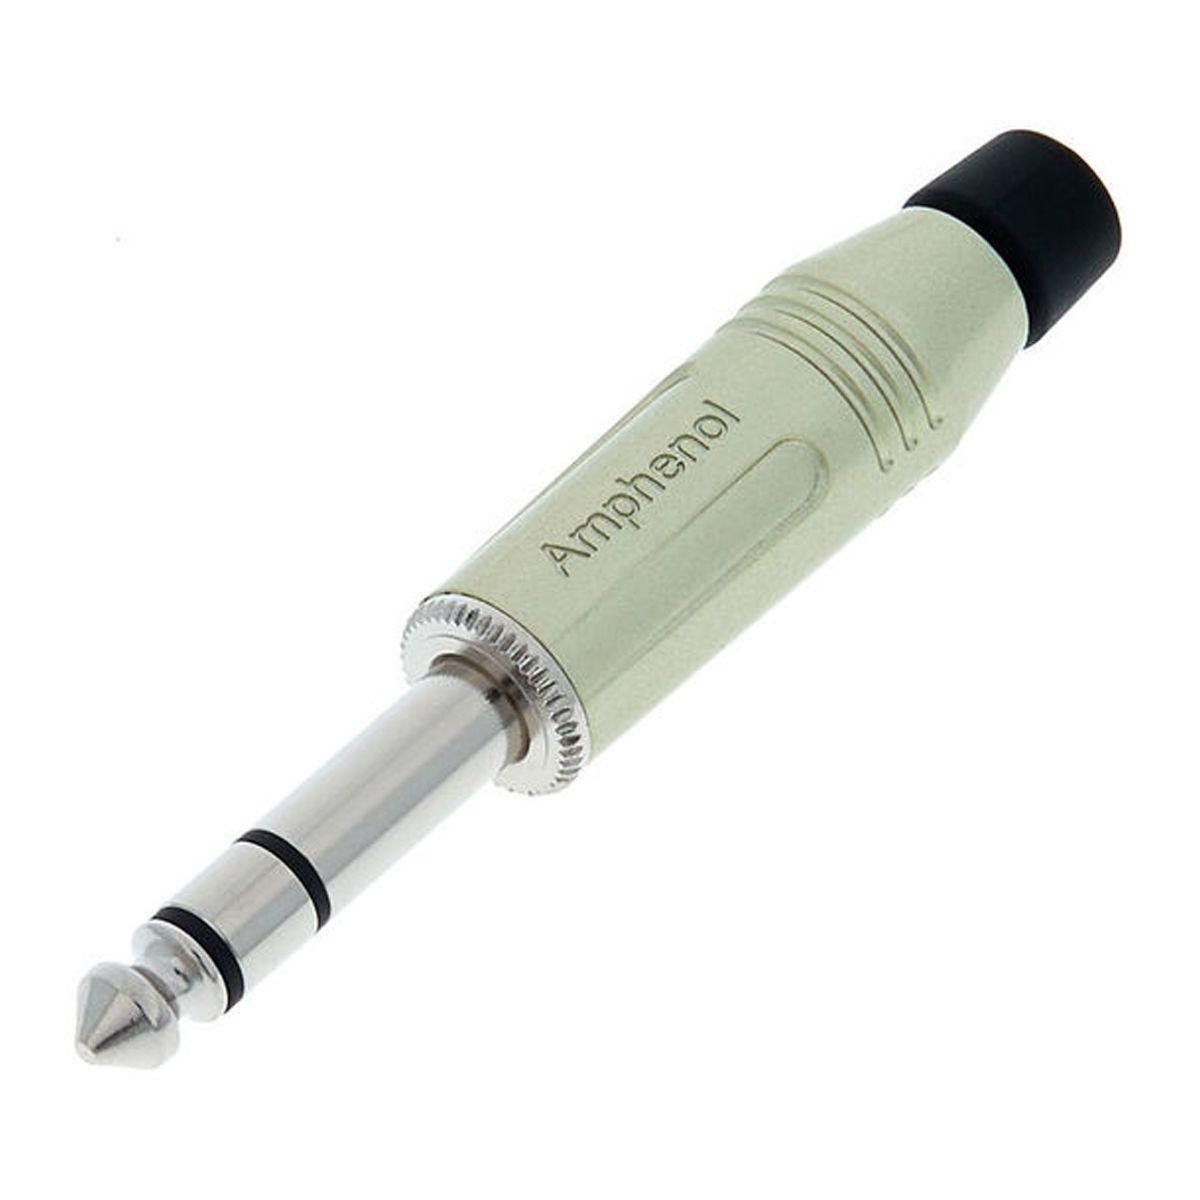 Conector P10 estéreo de linha com contatos em Nickel | Amphenol | ACPS-GN